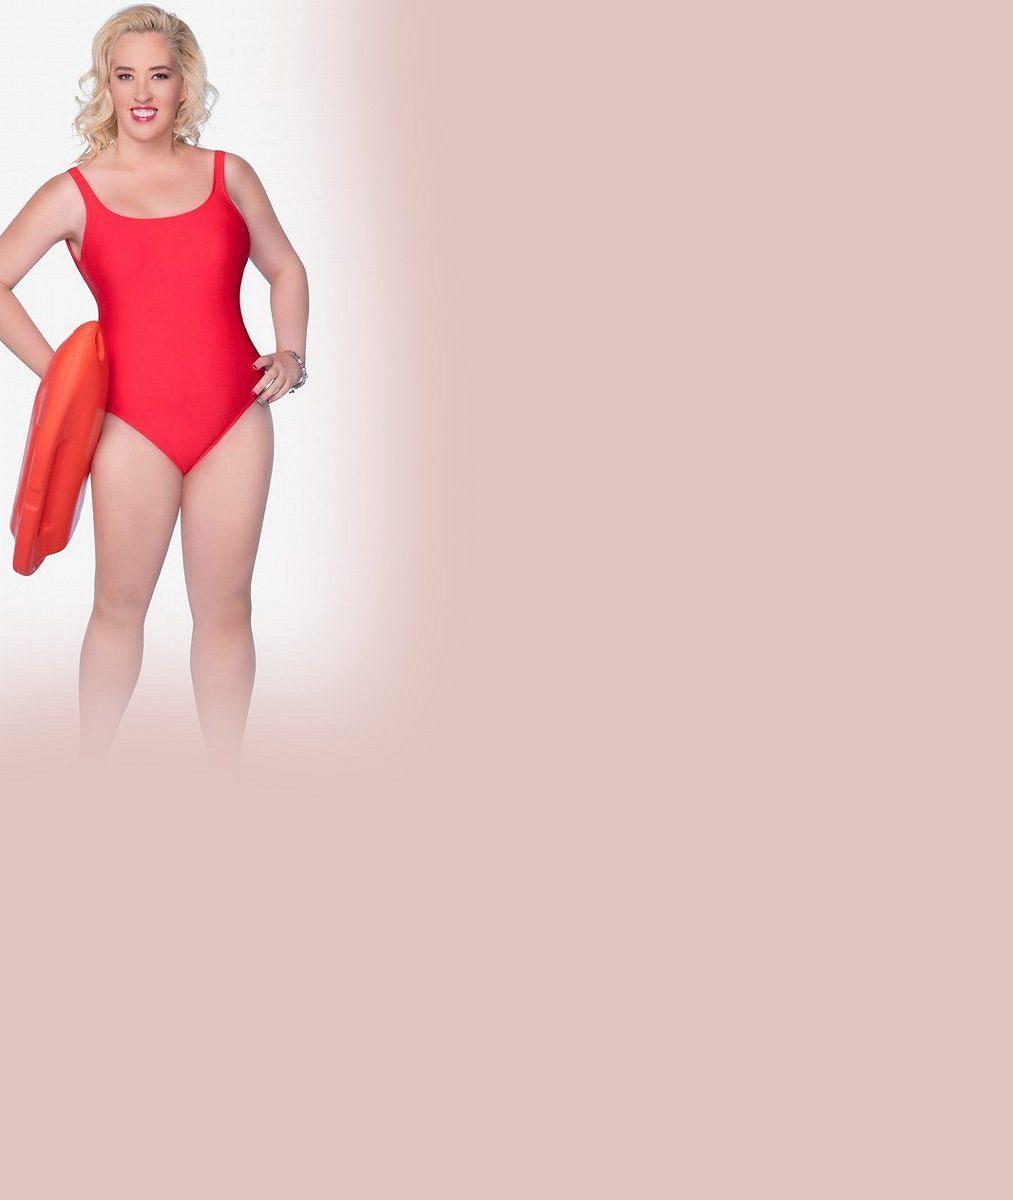 Dvoumetráková mamina známá z televize zhubla dvě třetiny své váhy a opět oblékla červené plavky z Pobřežní hlídky